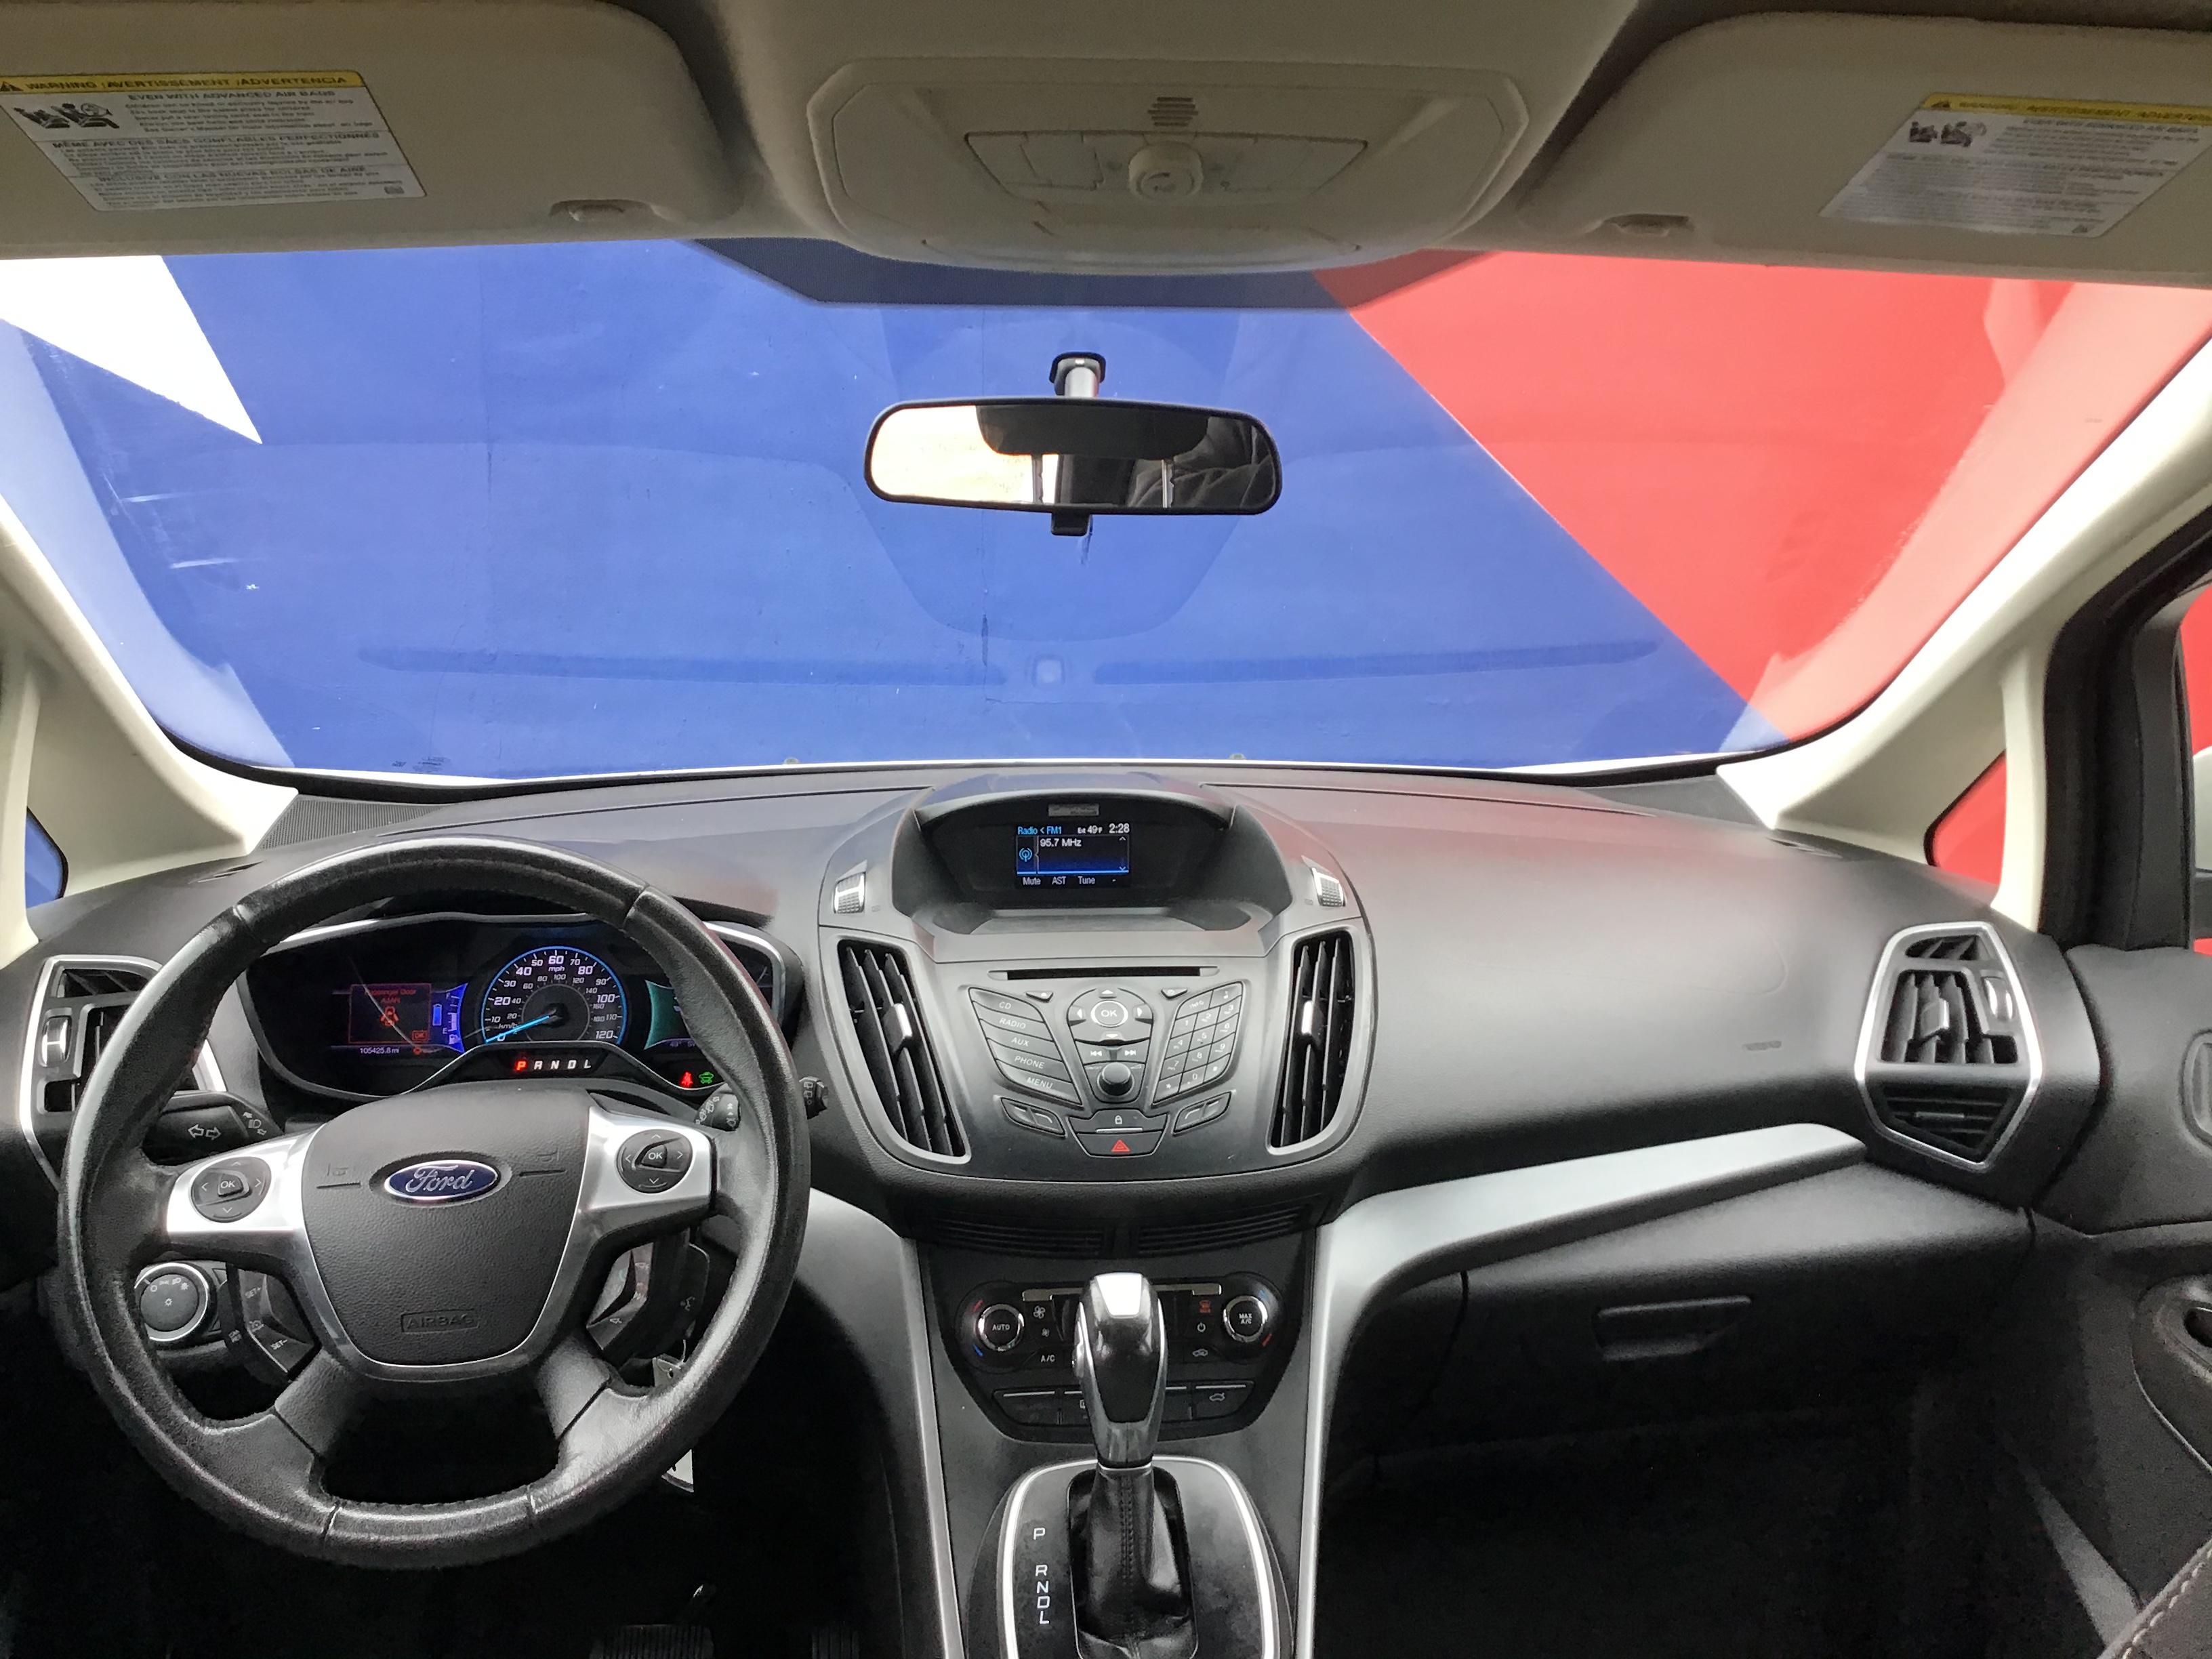 used vehicle - Sedan FORD C-MAX HYBRID 2013